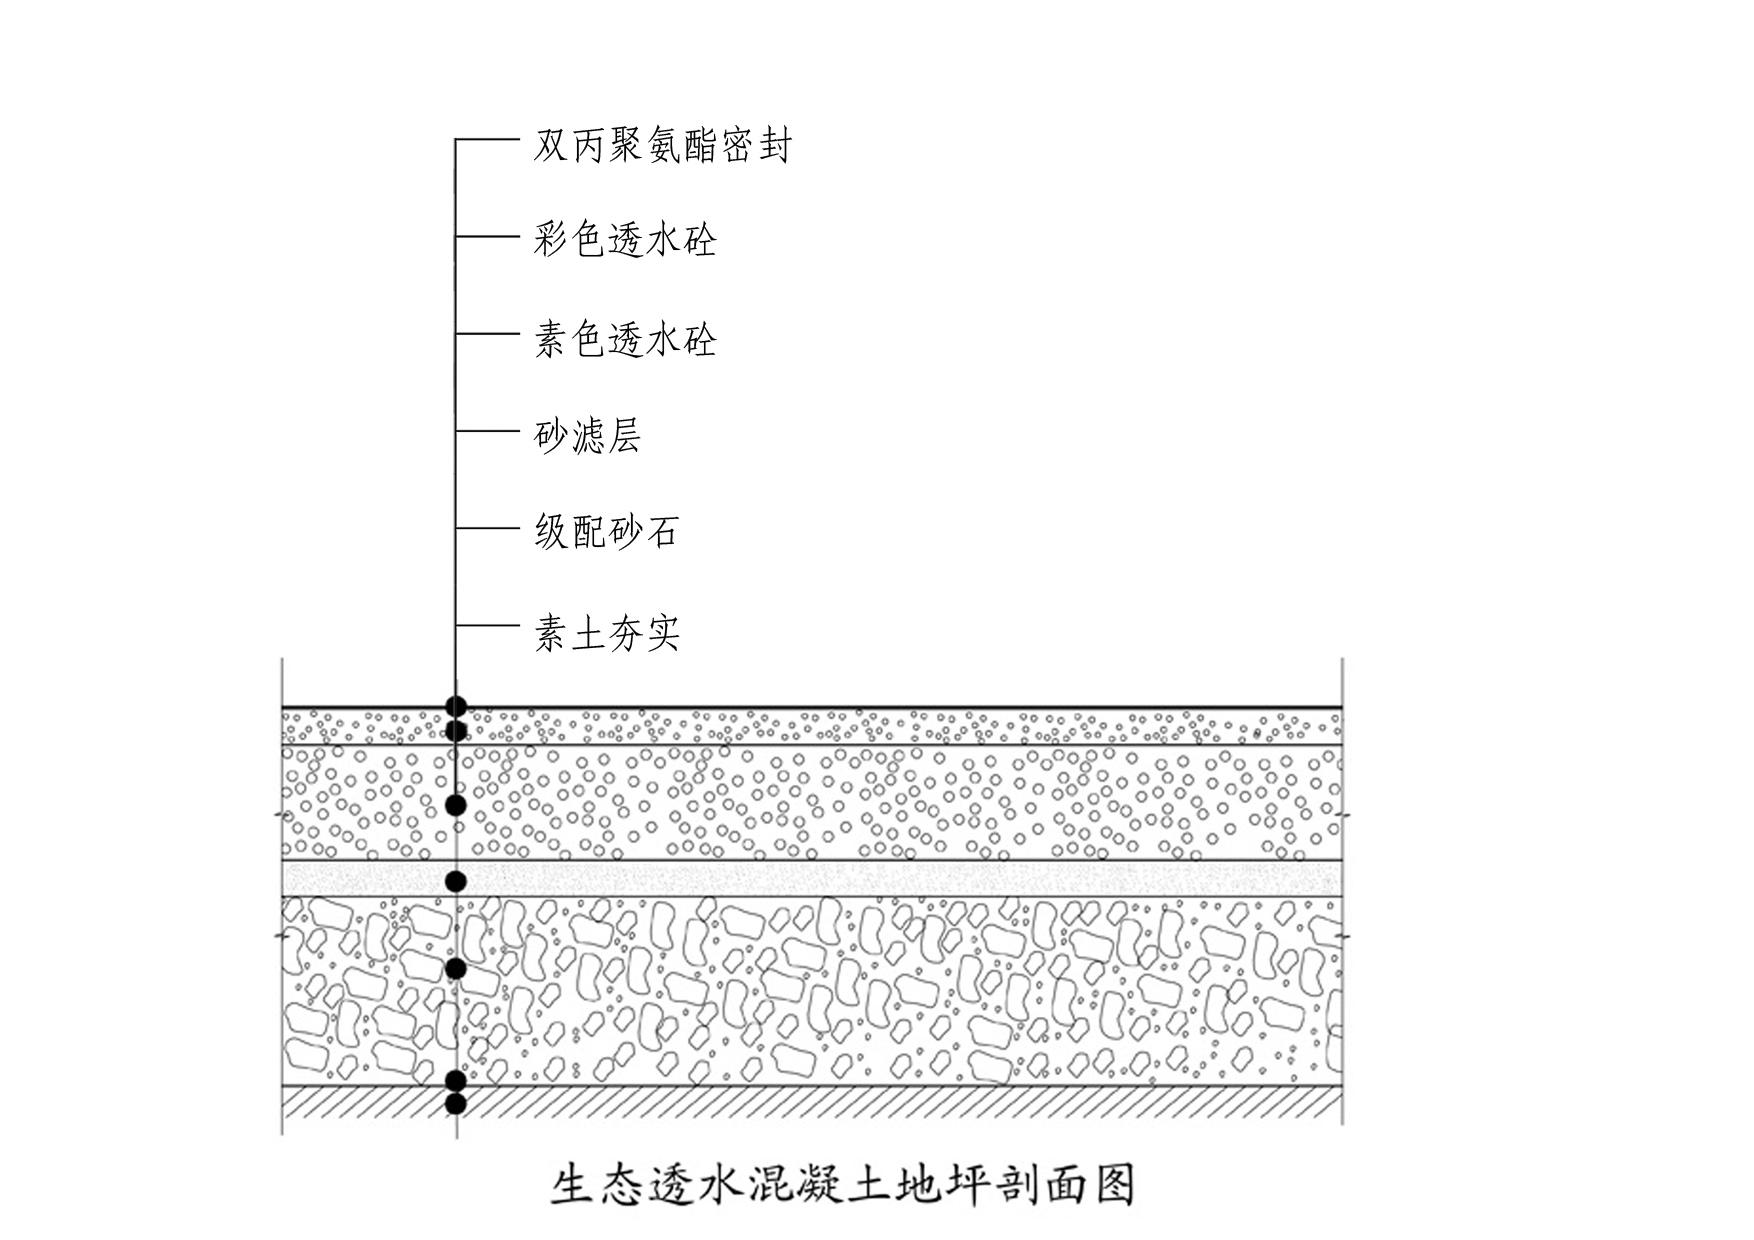 透水结构图.JPG